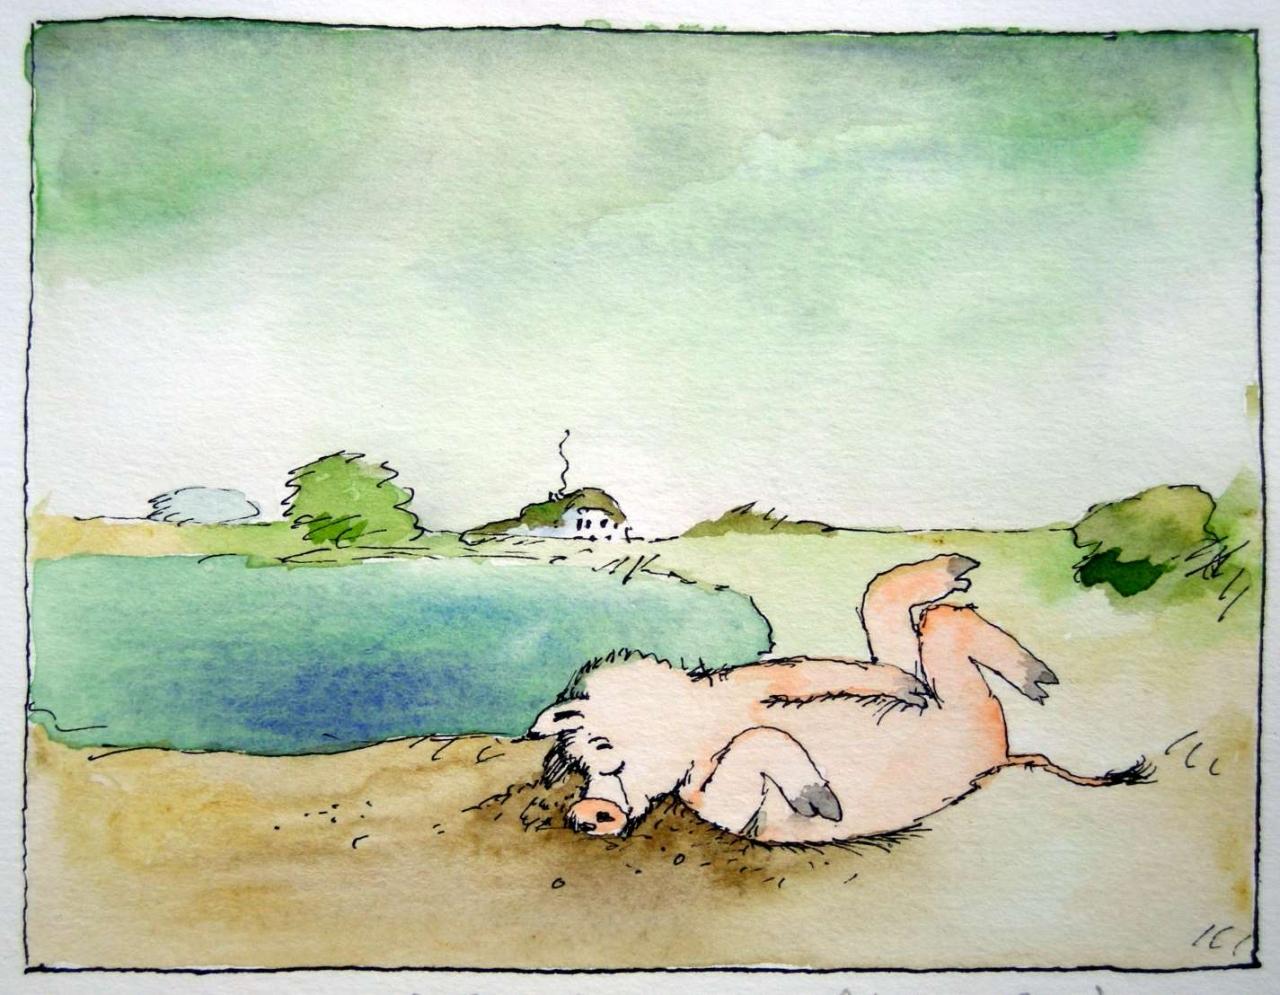 Das arme Schwein liegt hier allein...